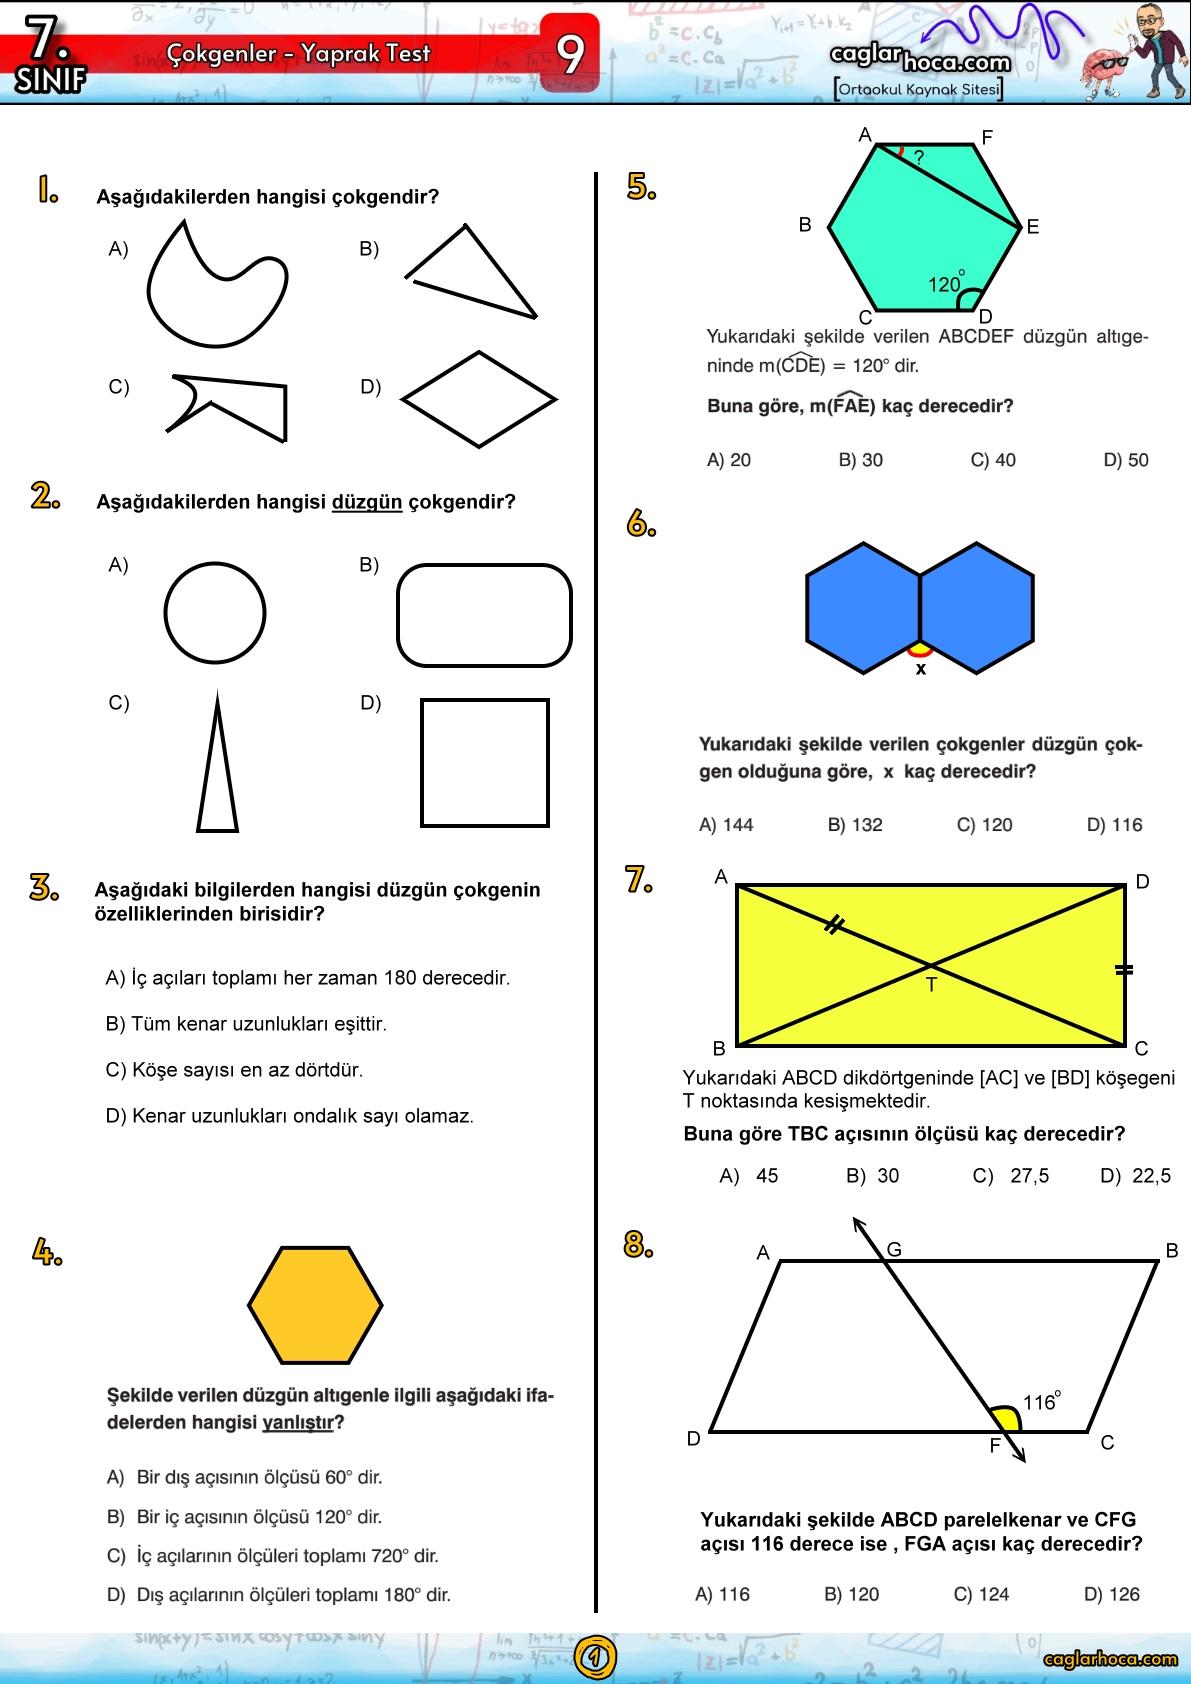 7.sınıf 9.ünite çokgenler matematik yaprak test